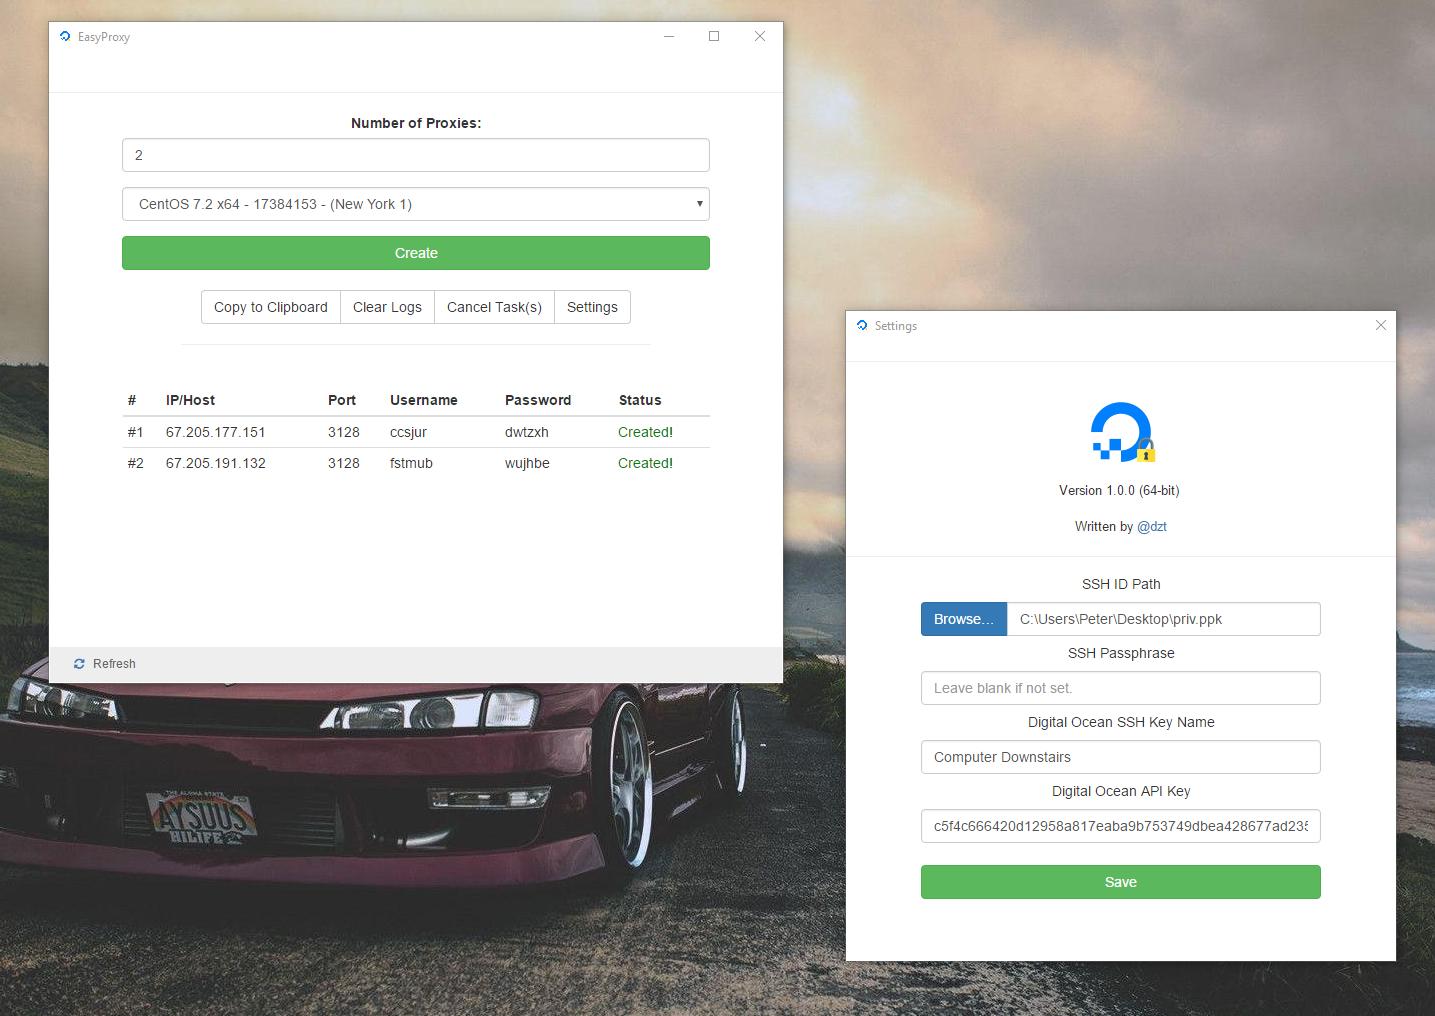 GitHub - dzt/easy-proxy: Make mass proxies easily